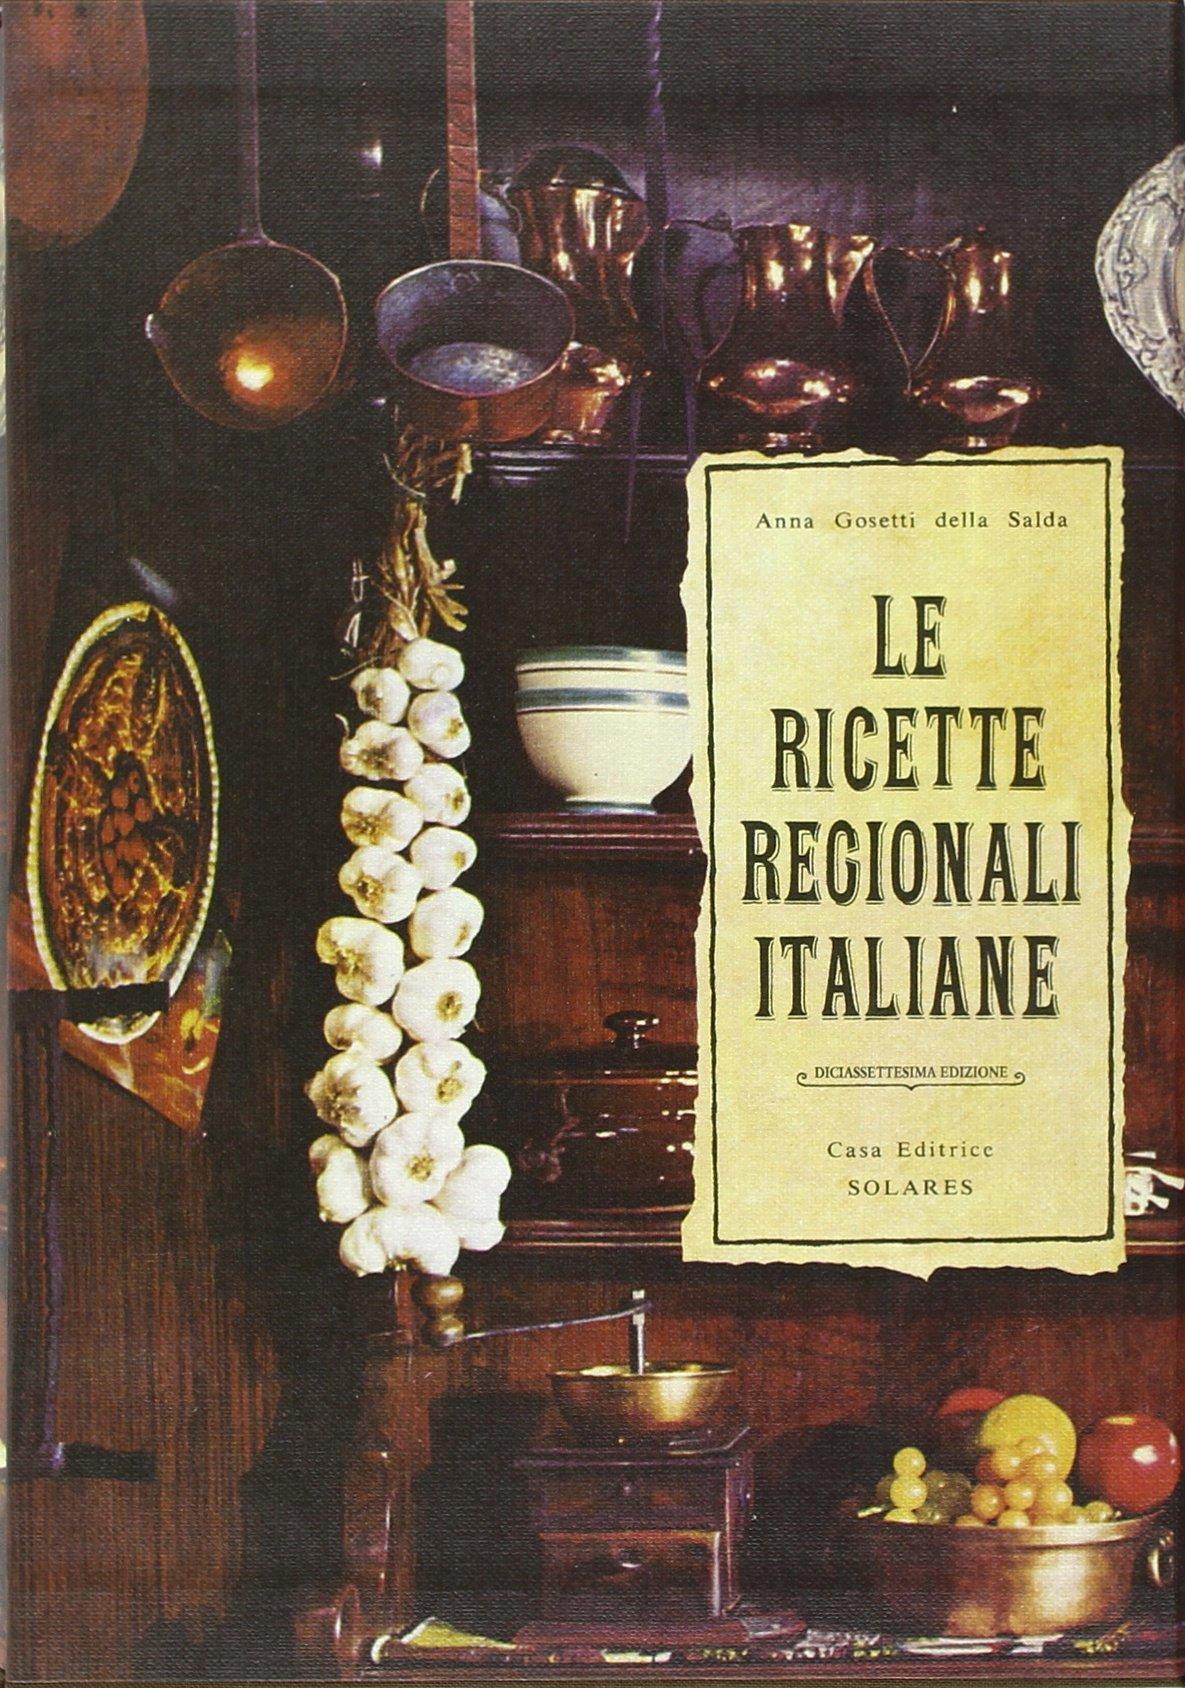 Le ricette regionali italiane ebook